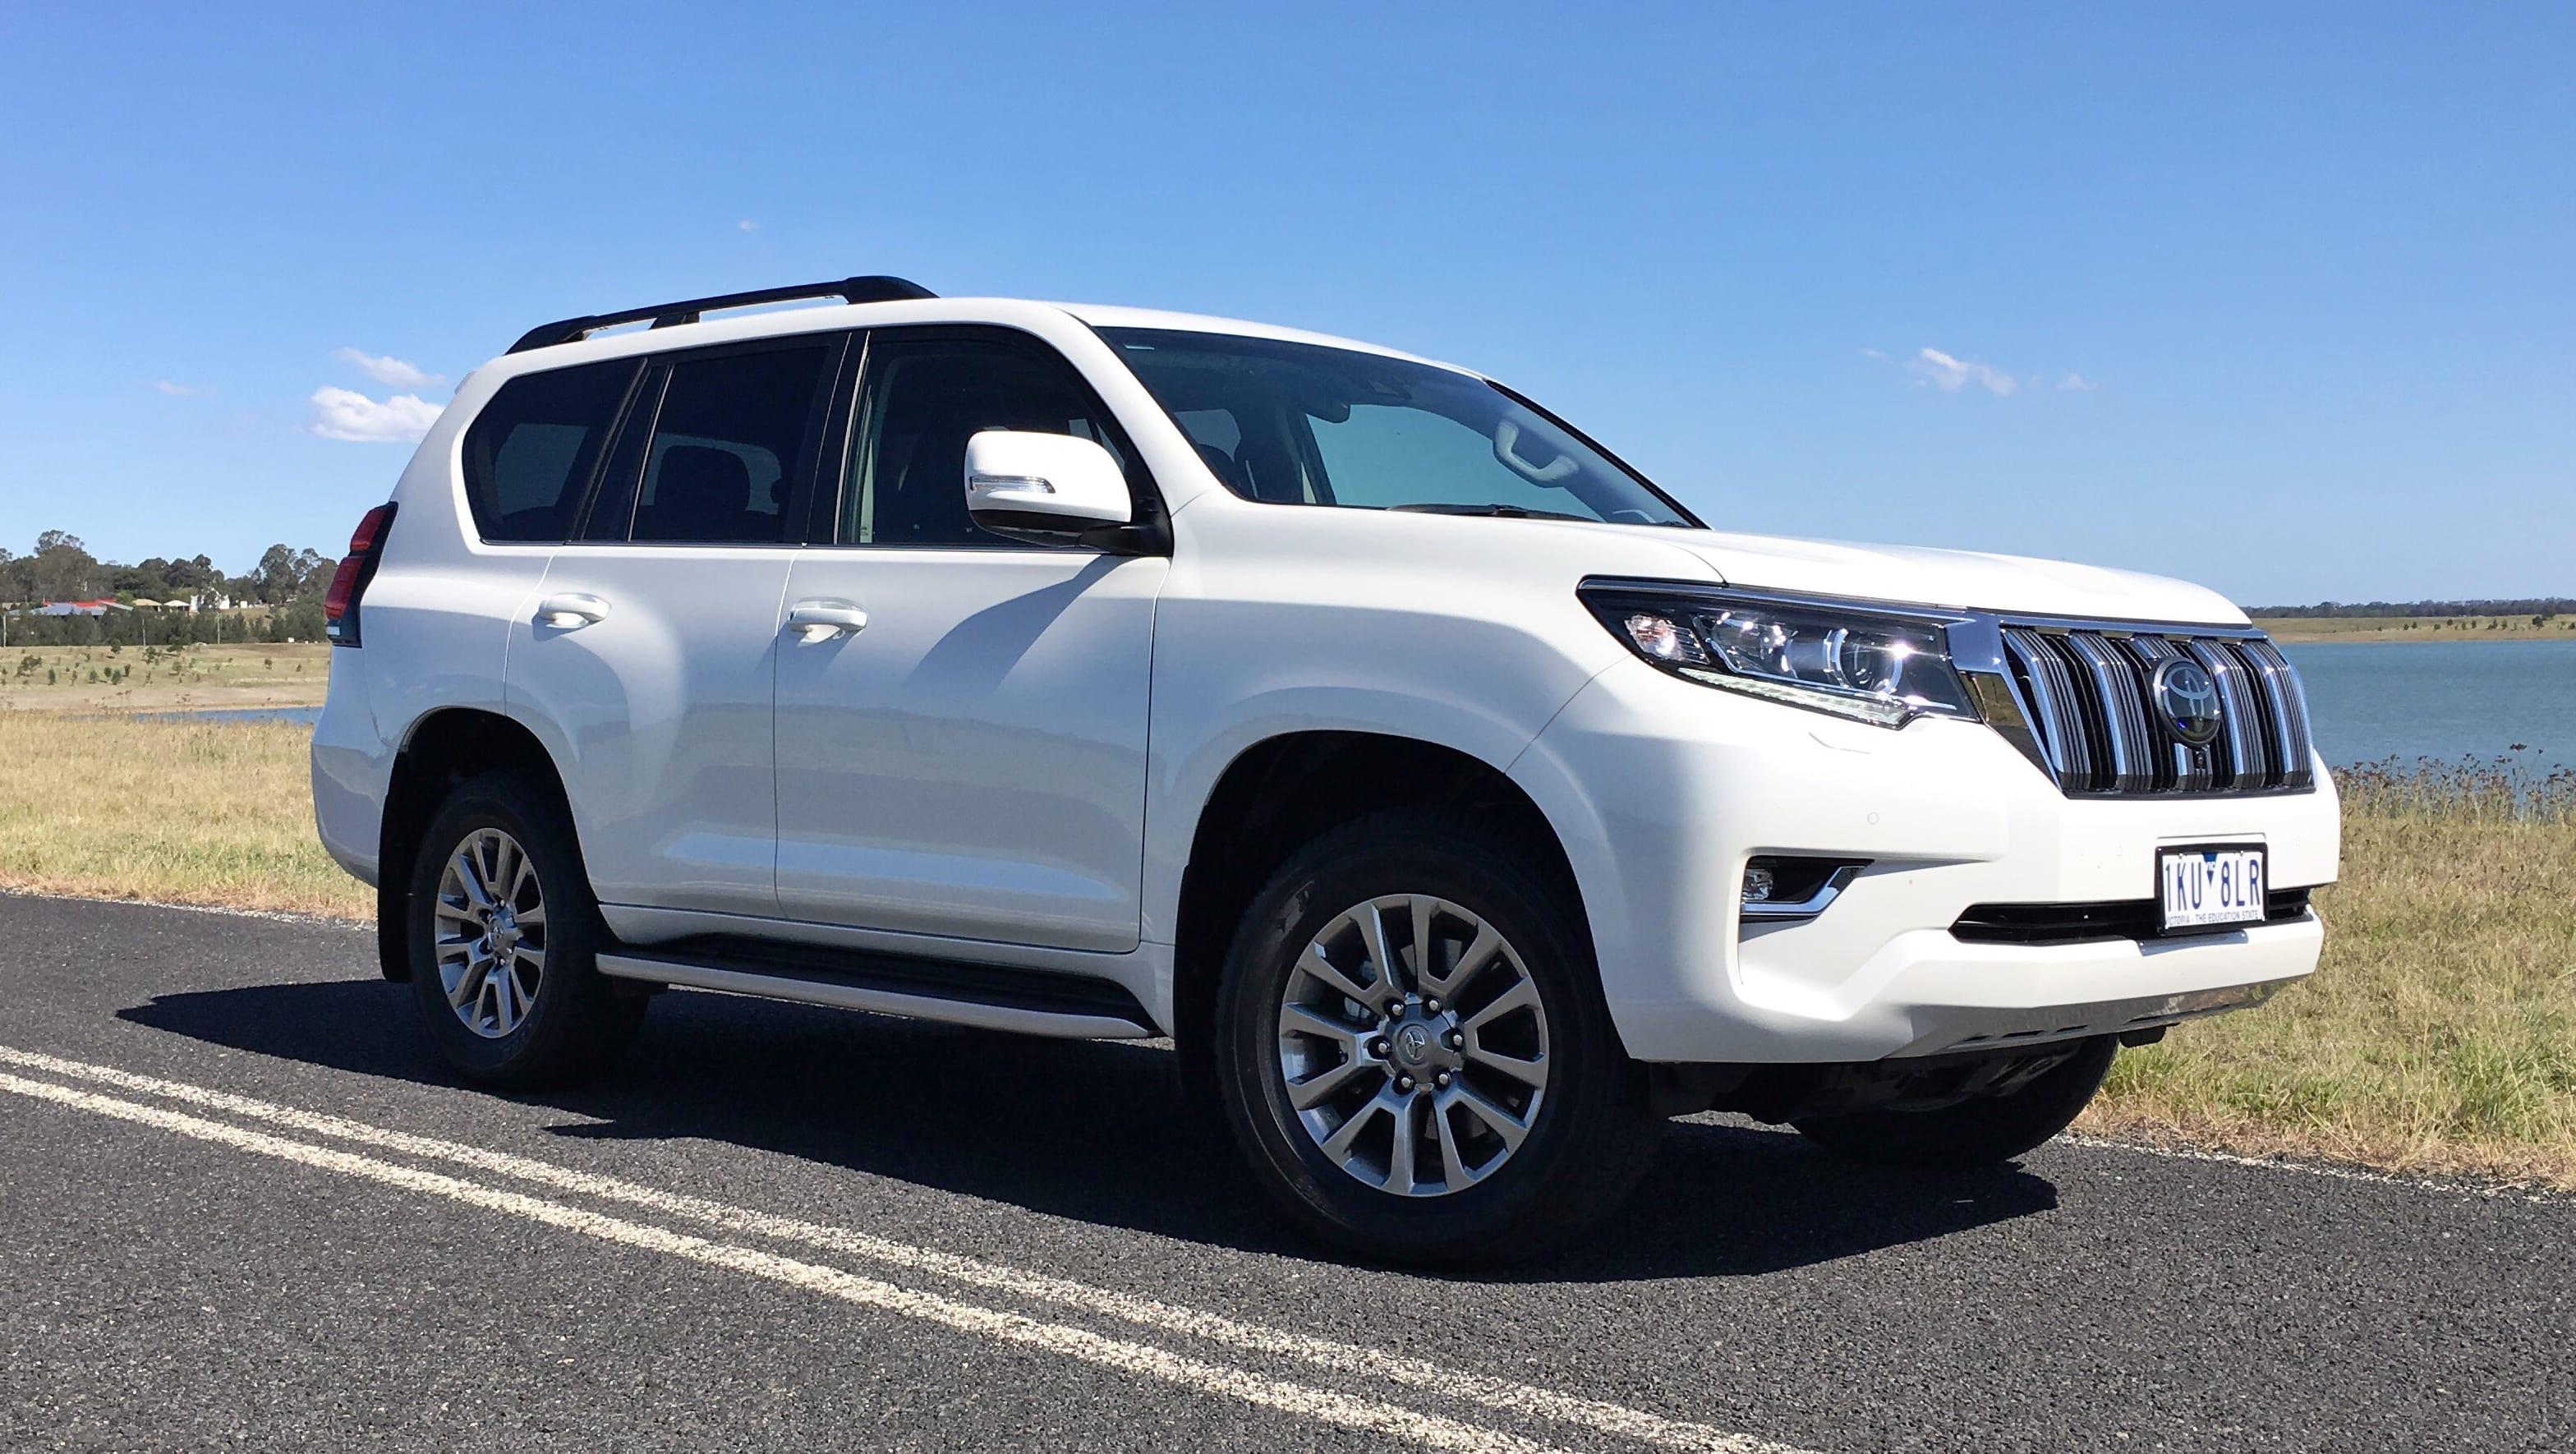 Toyota Prado 2018 review | CarsGuide